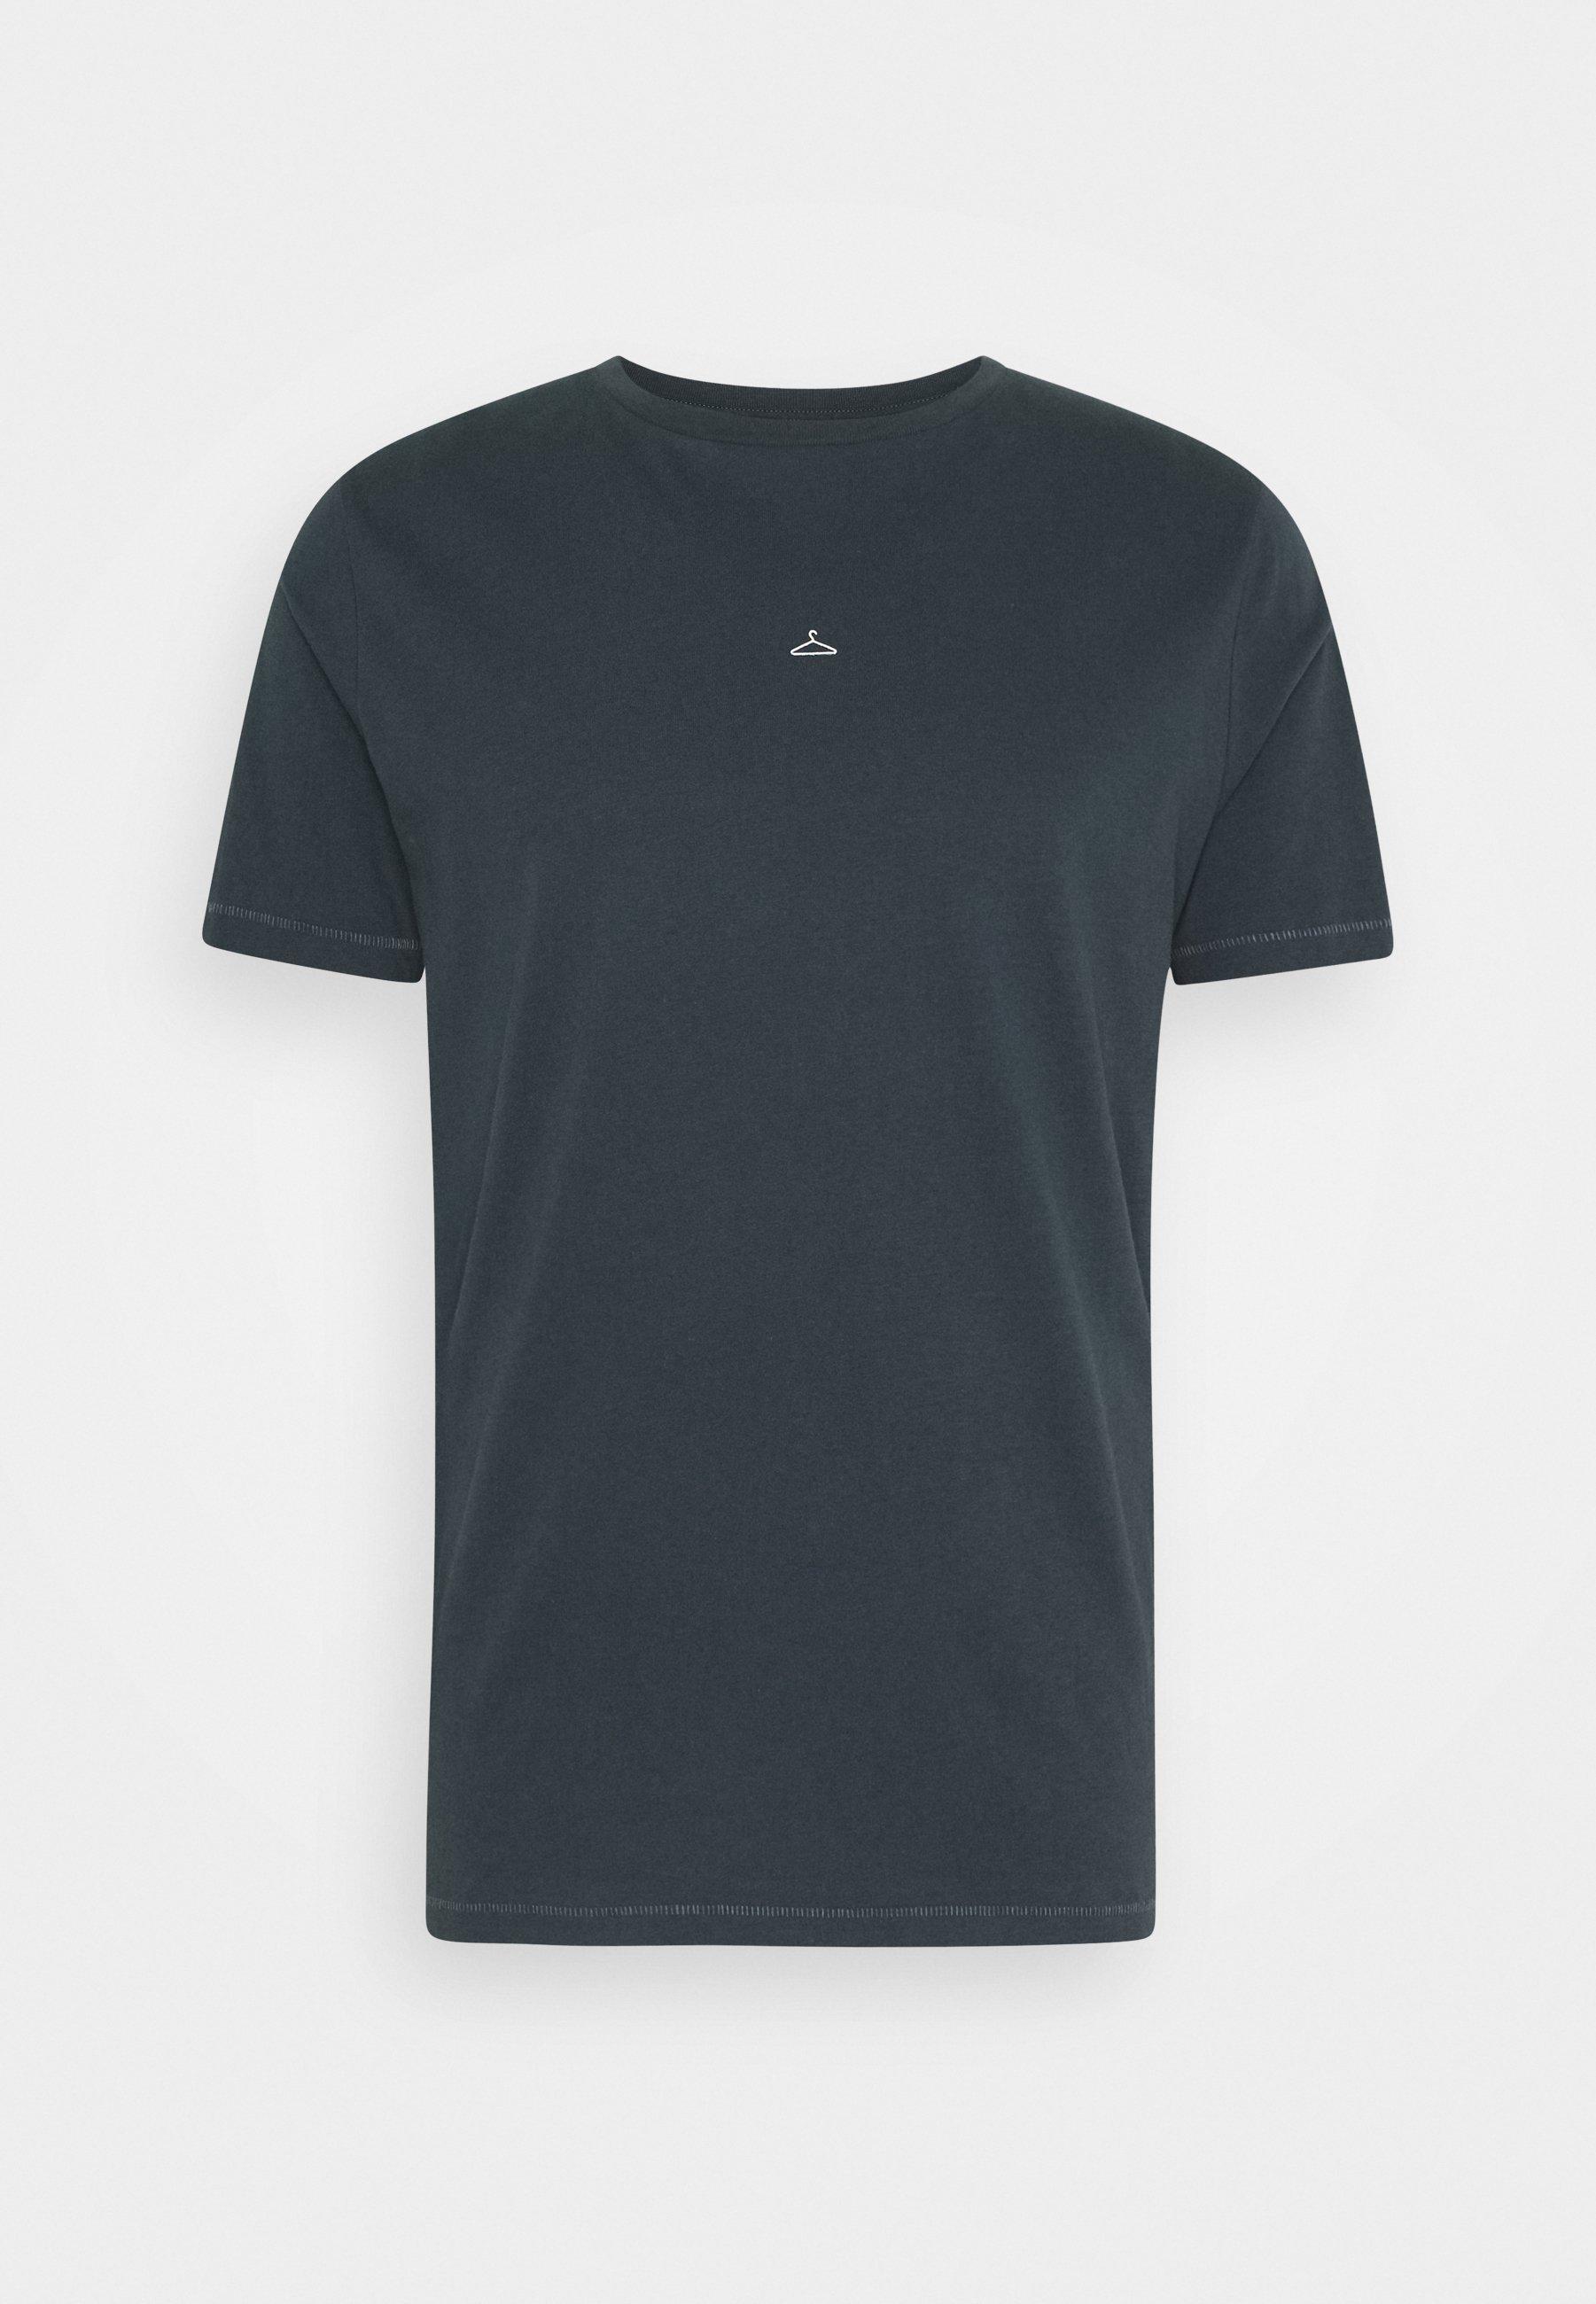 Holzweiler Hanger Tee - T-shirts Blueberry/mørkeblå